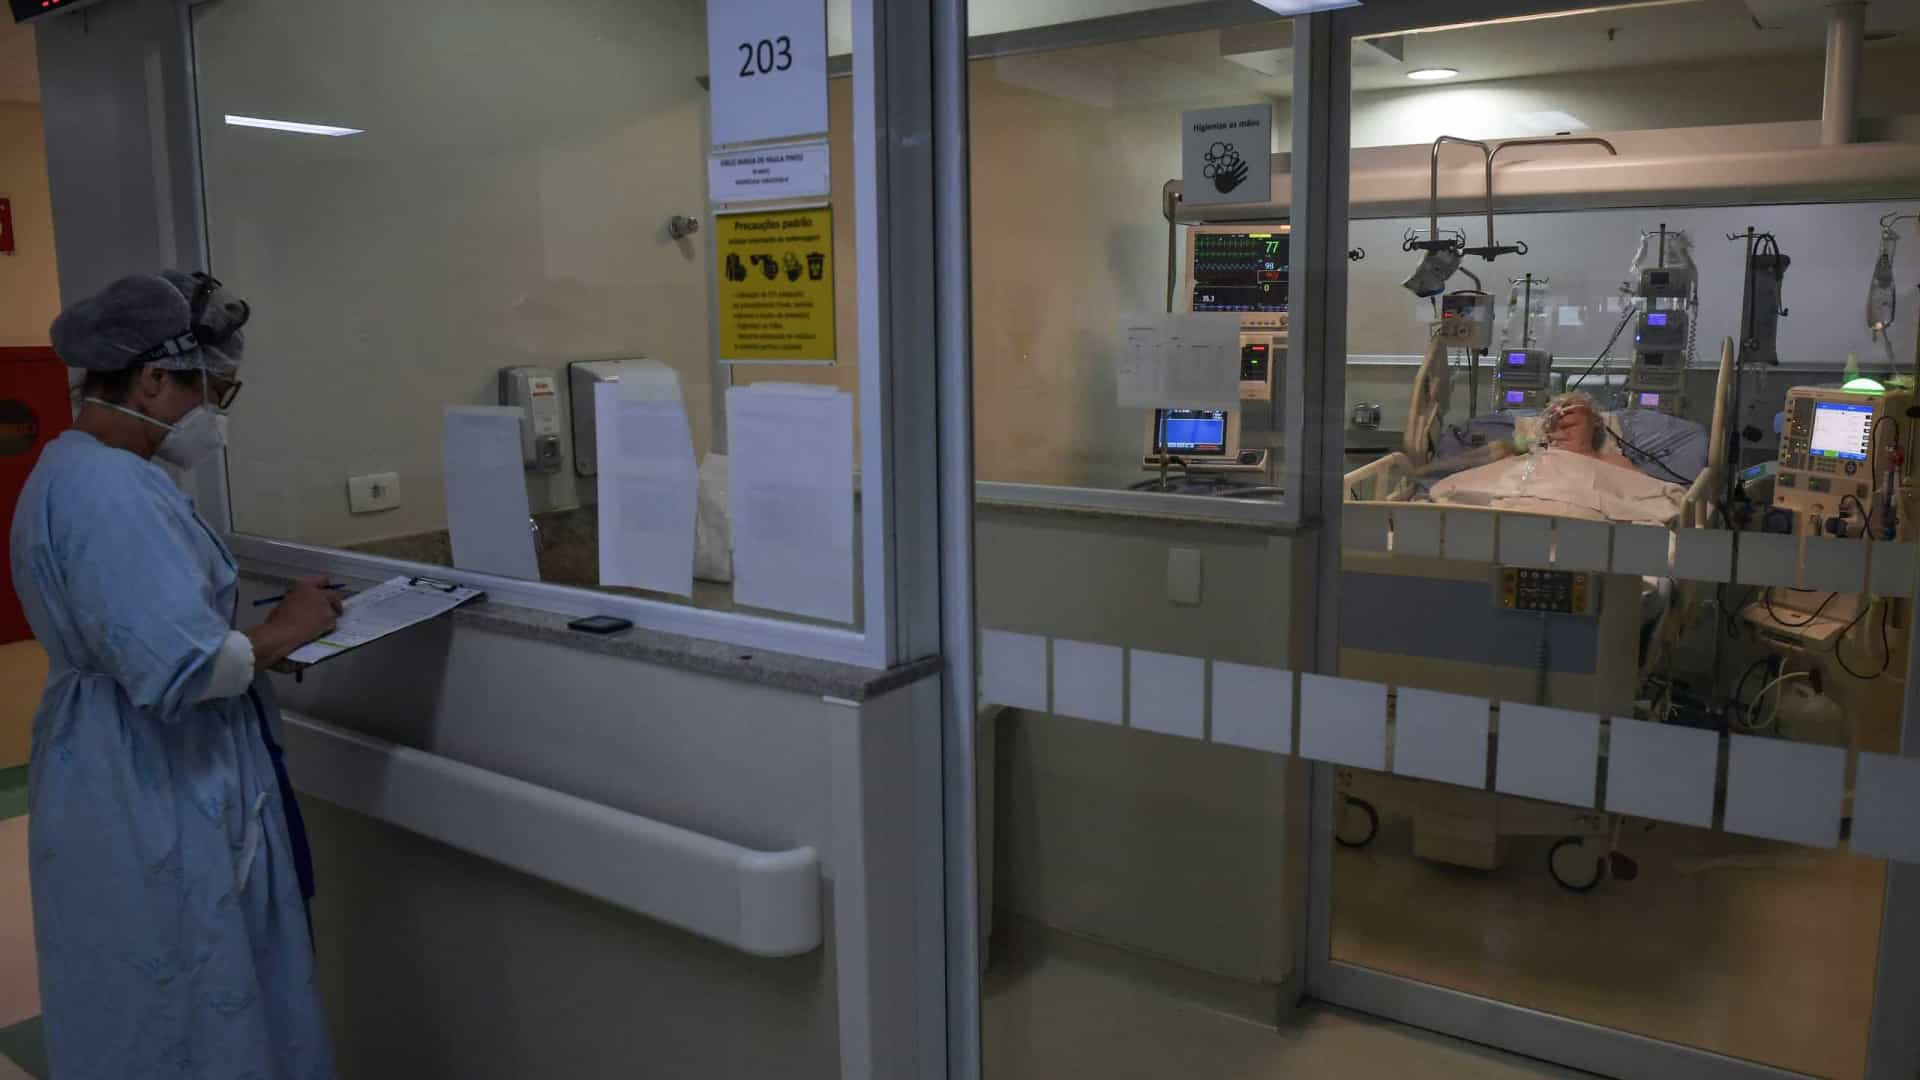 Brasil registra mais de 63 mil novos casos de covid-19 em 24h